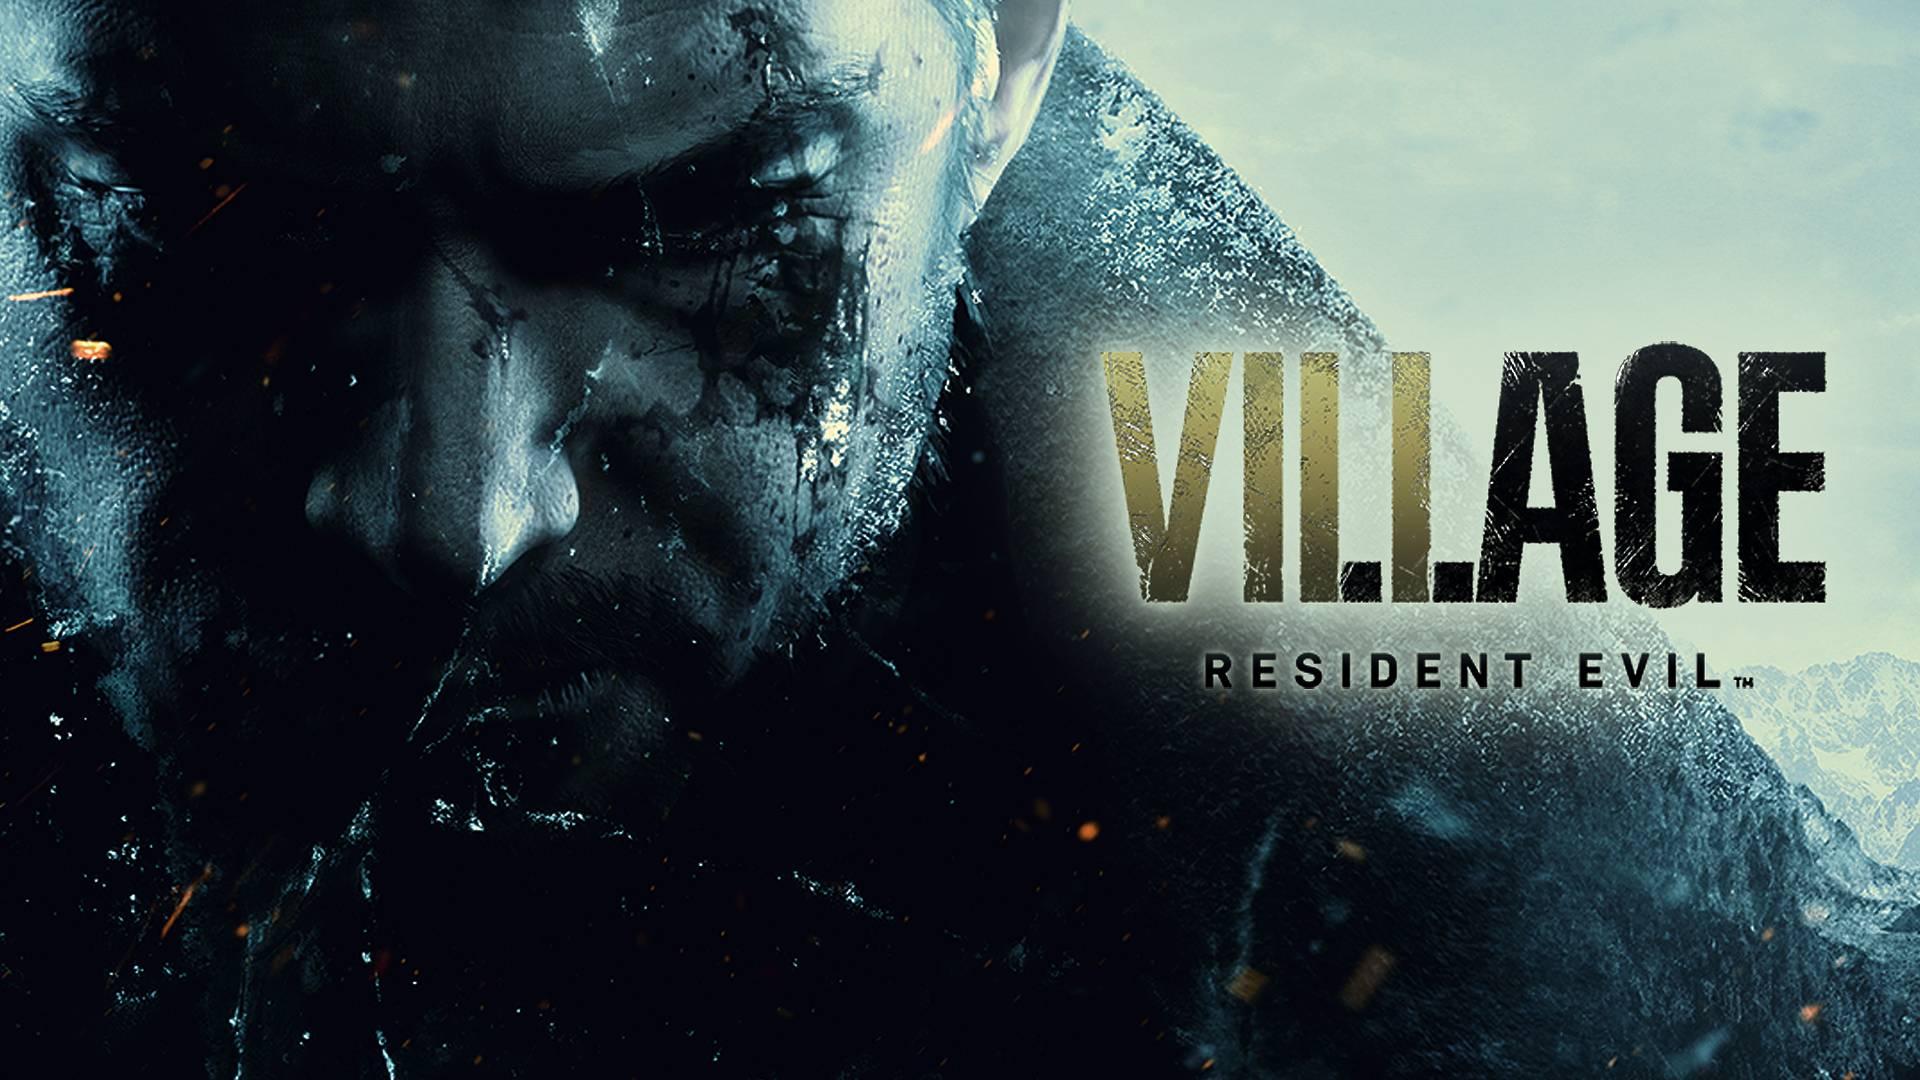 resident evil village game wallpaper 72276